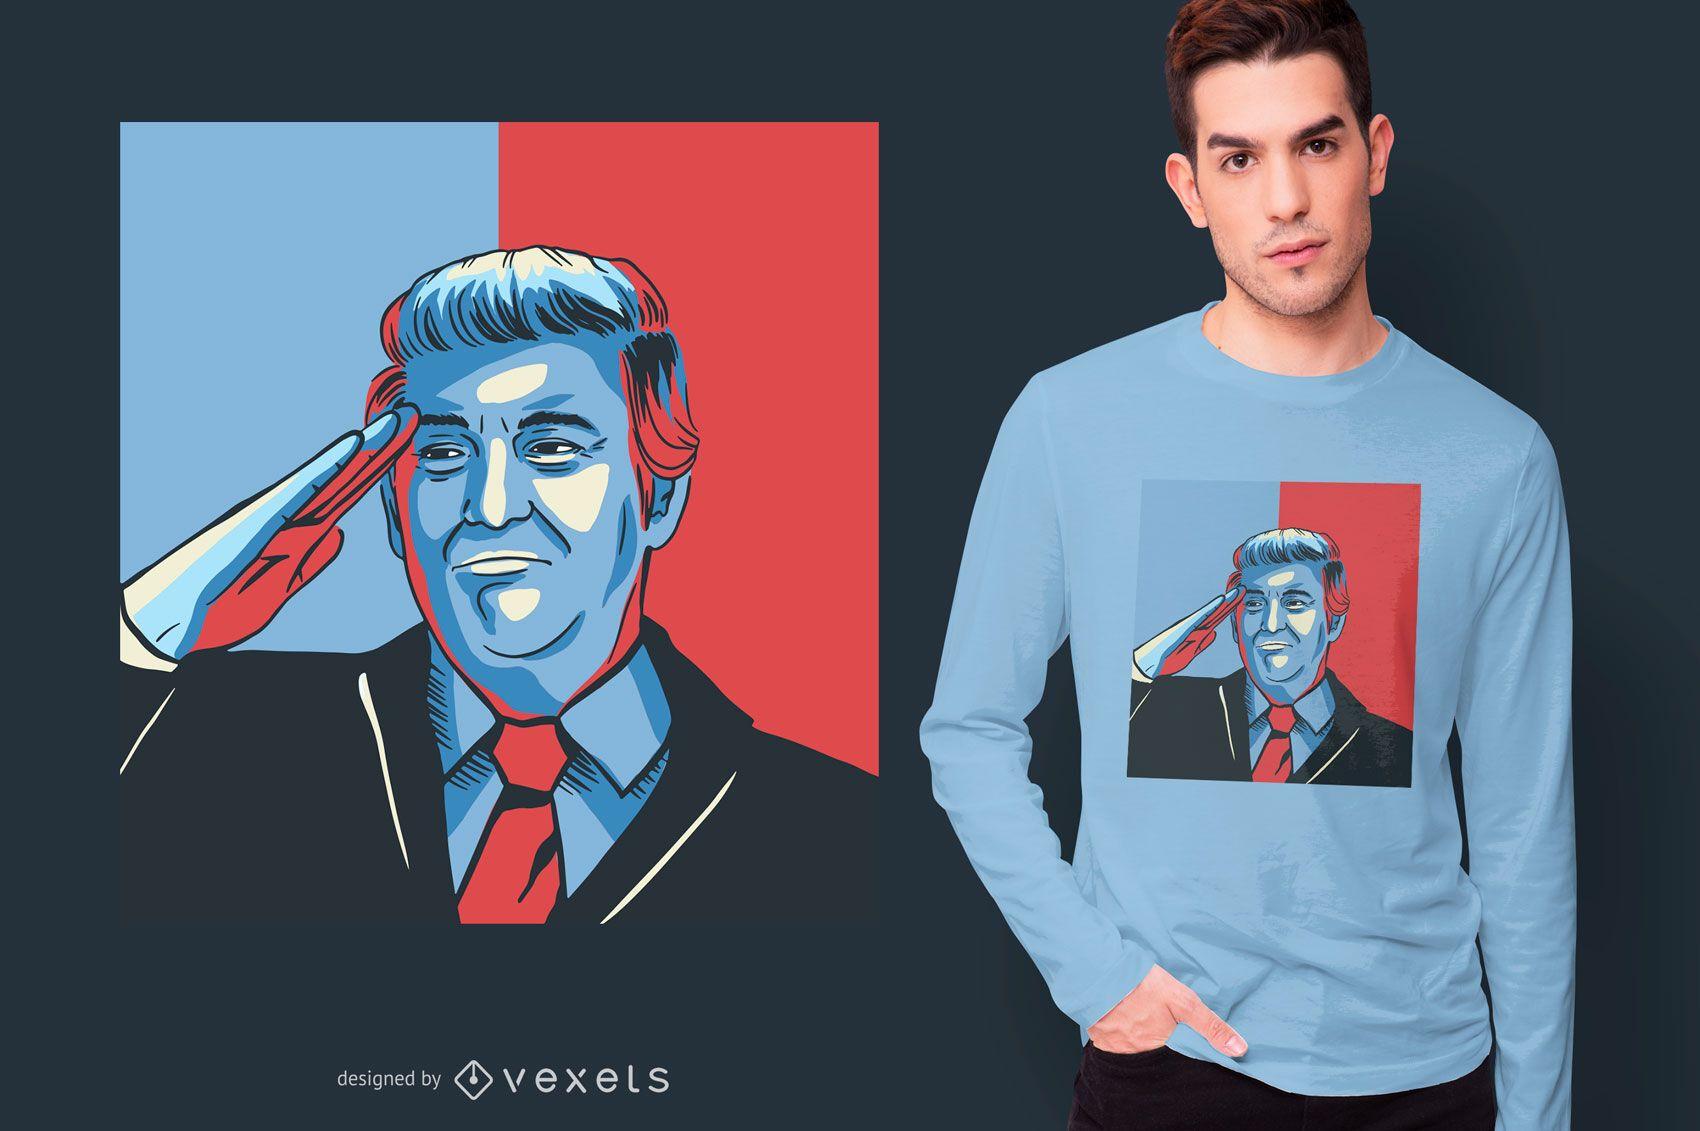 Donald Trump salute t-shirt design